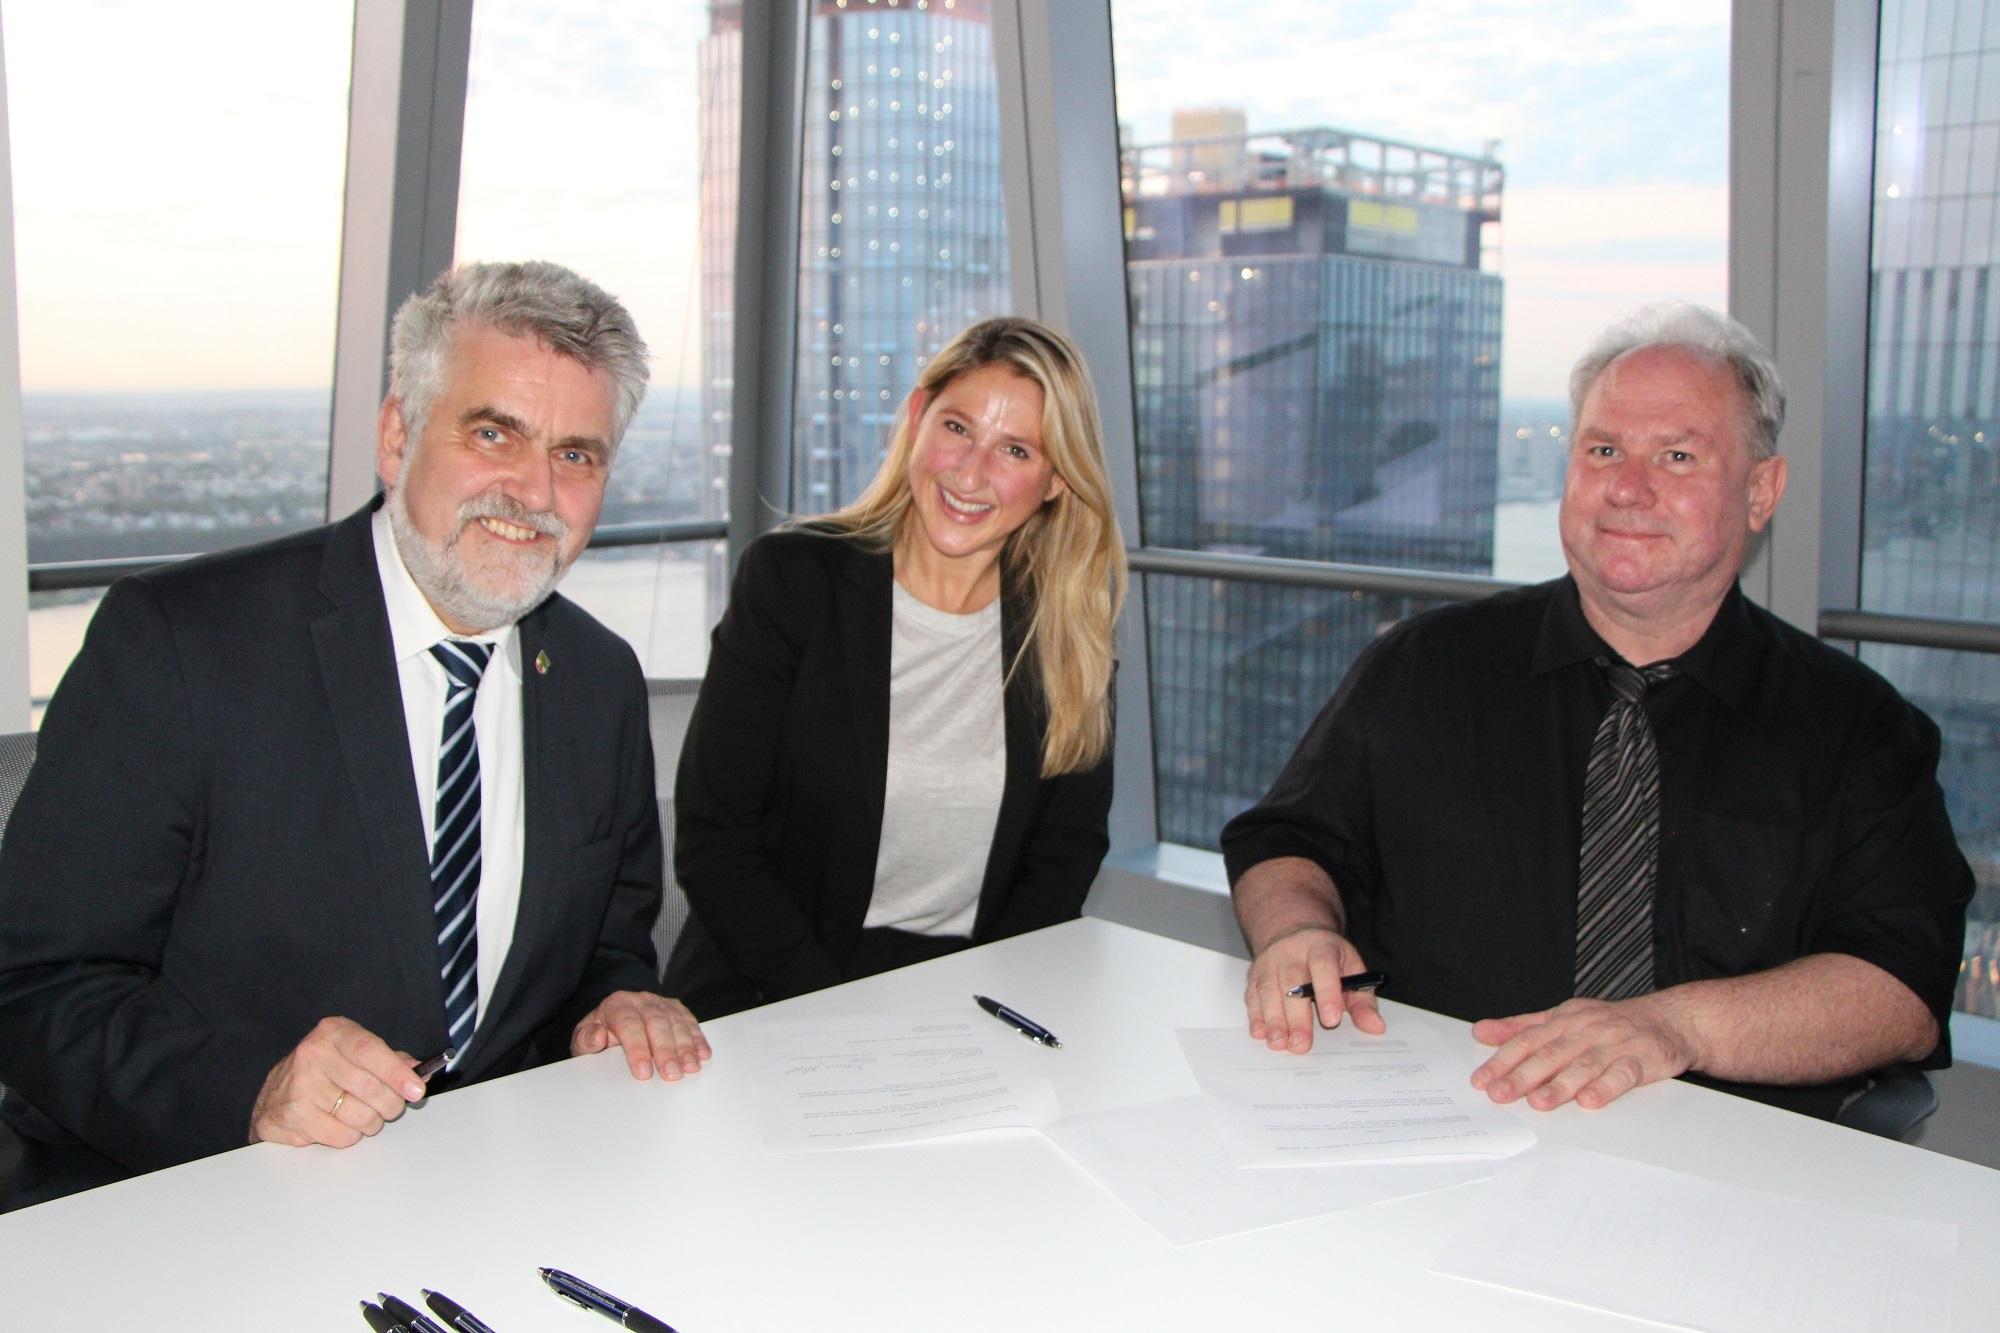 Unterzeichnung-der-Vereinbarung@Matthias-Stoffregen.jpg